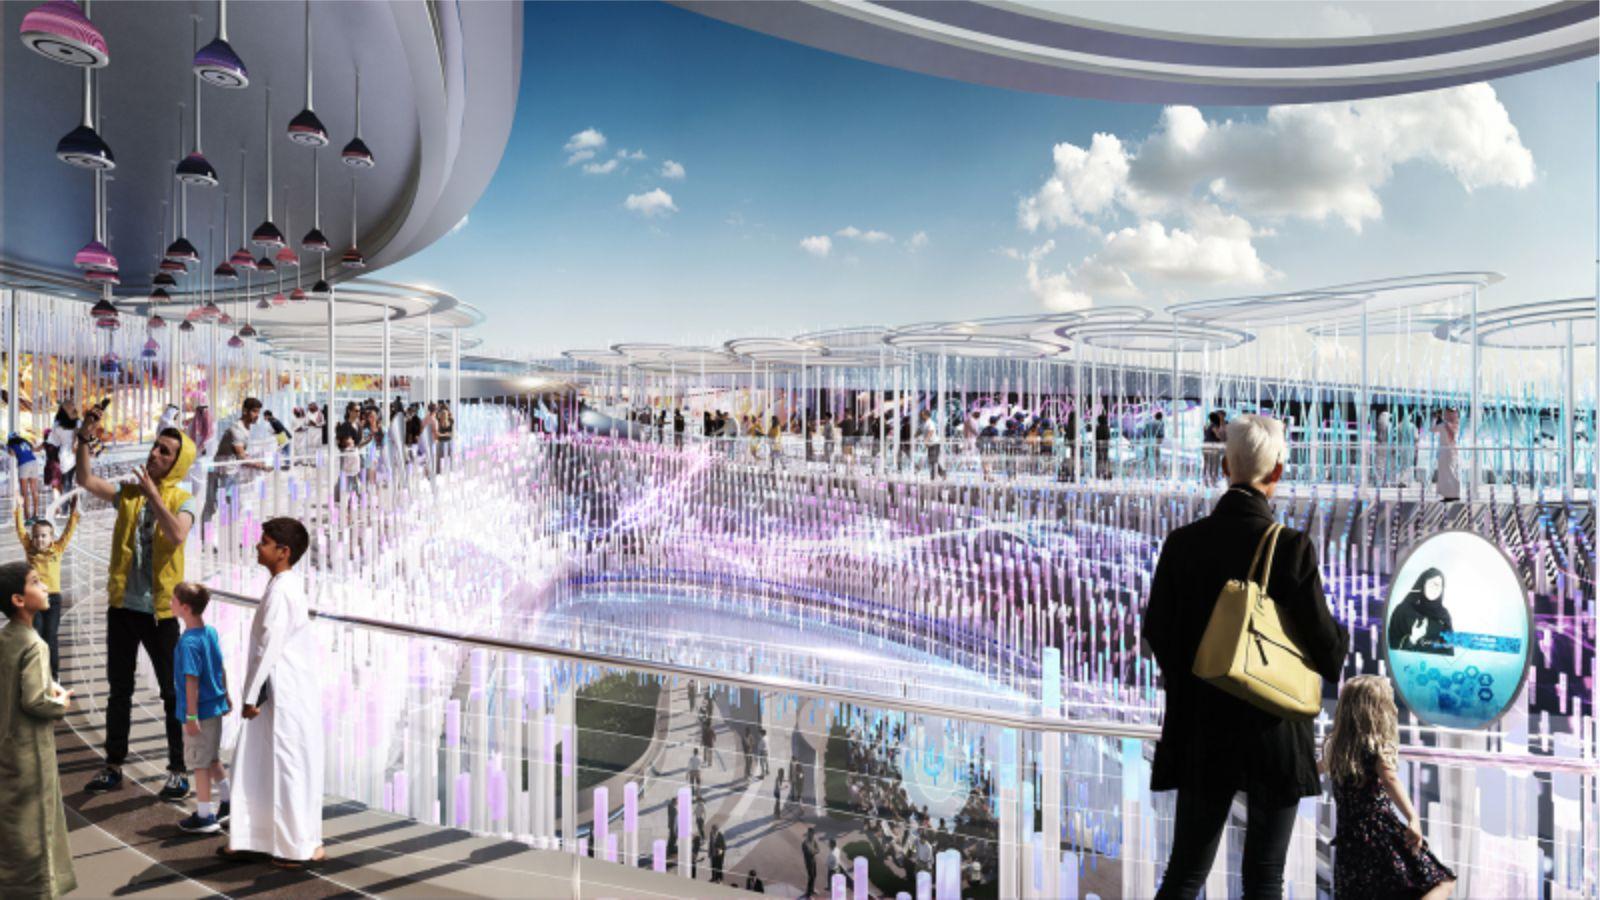 Expo Pavilion